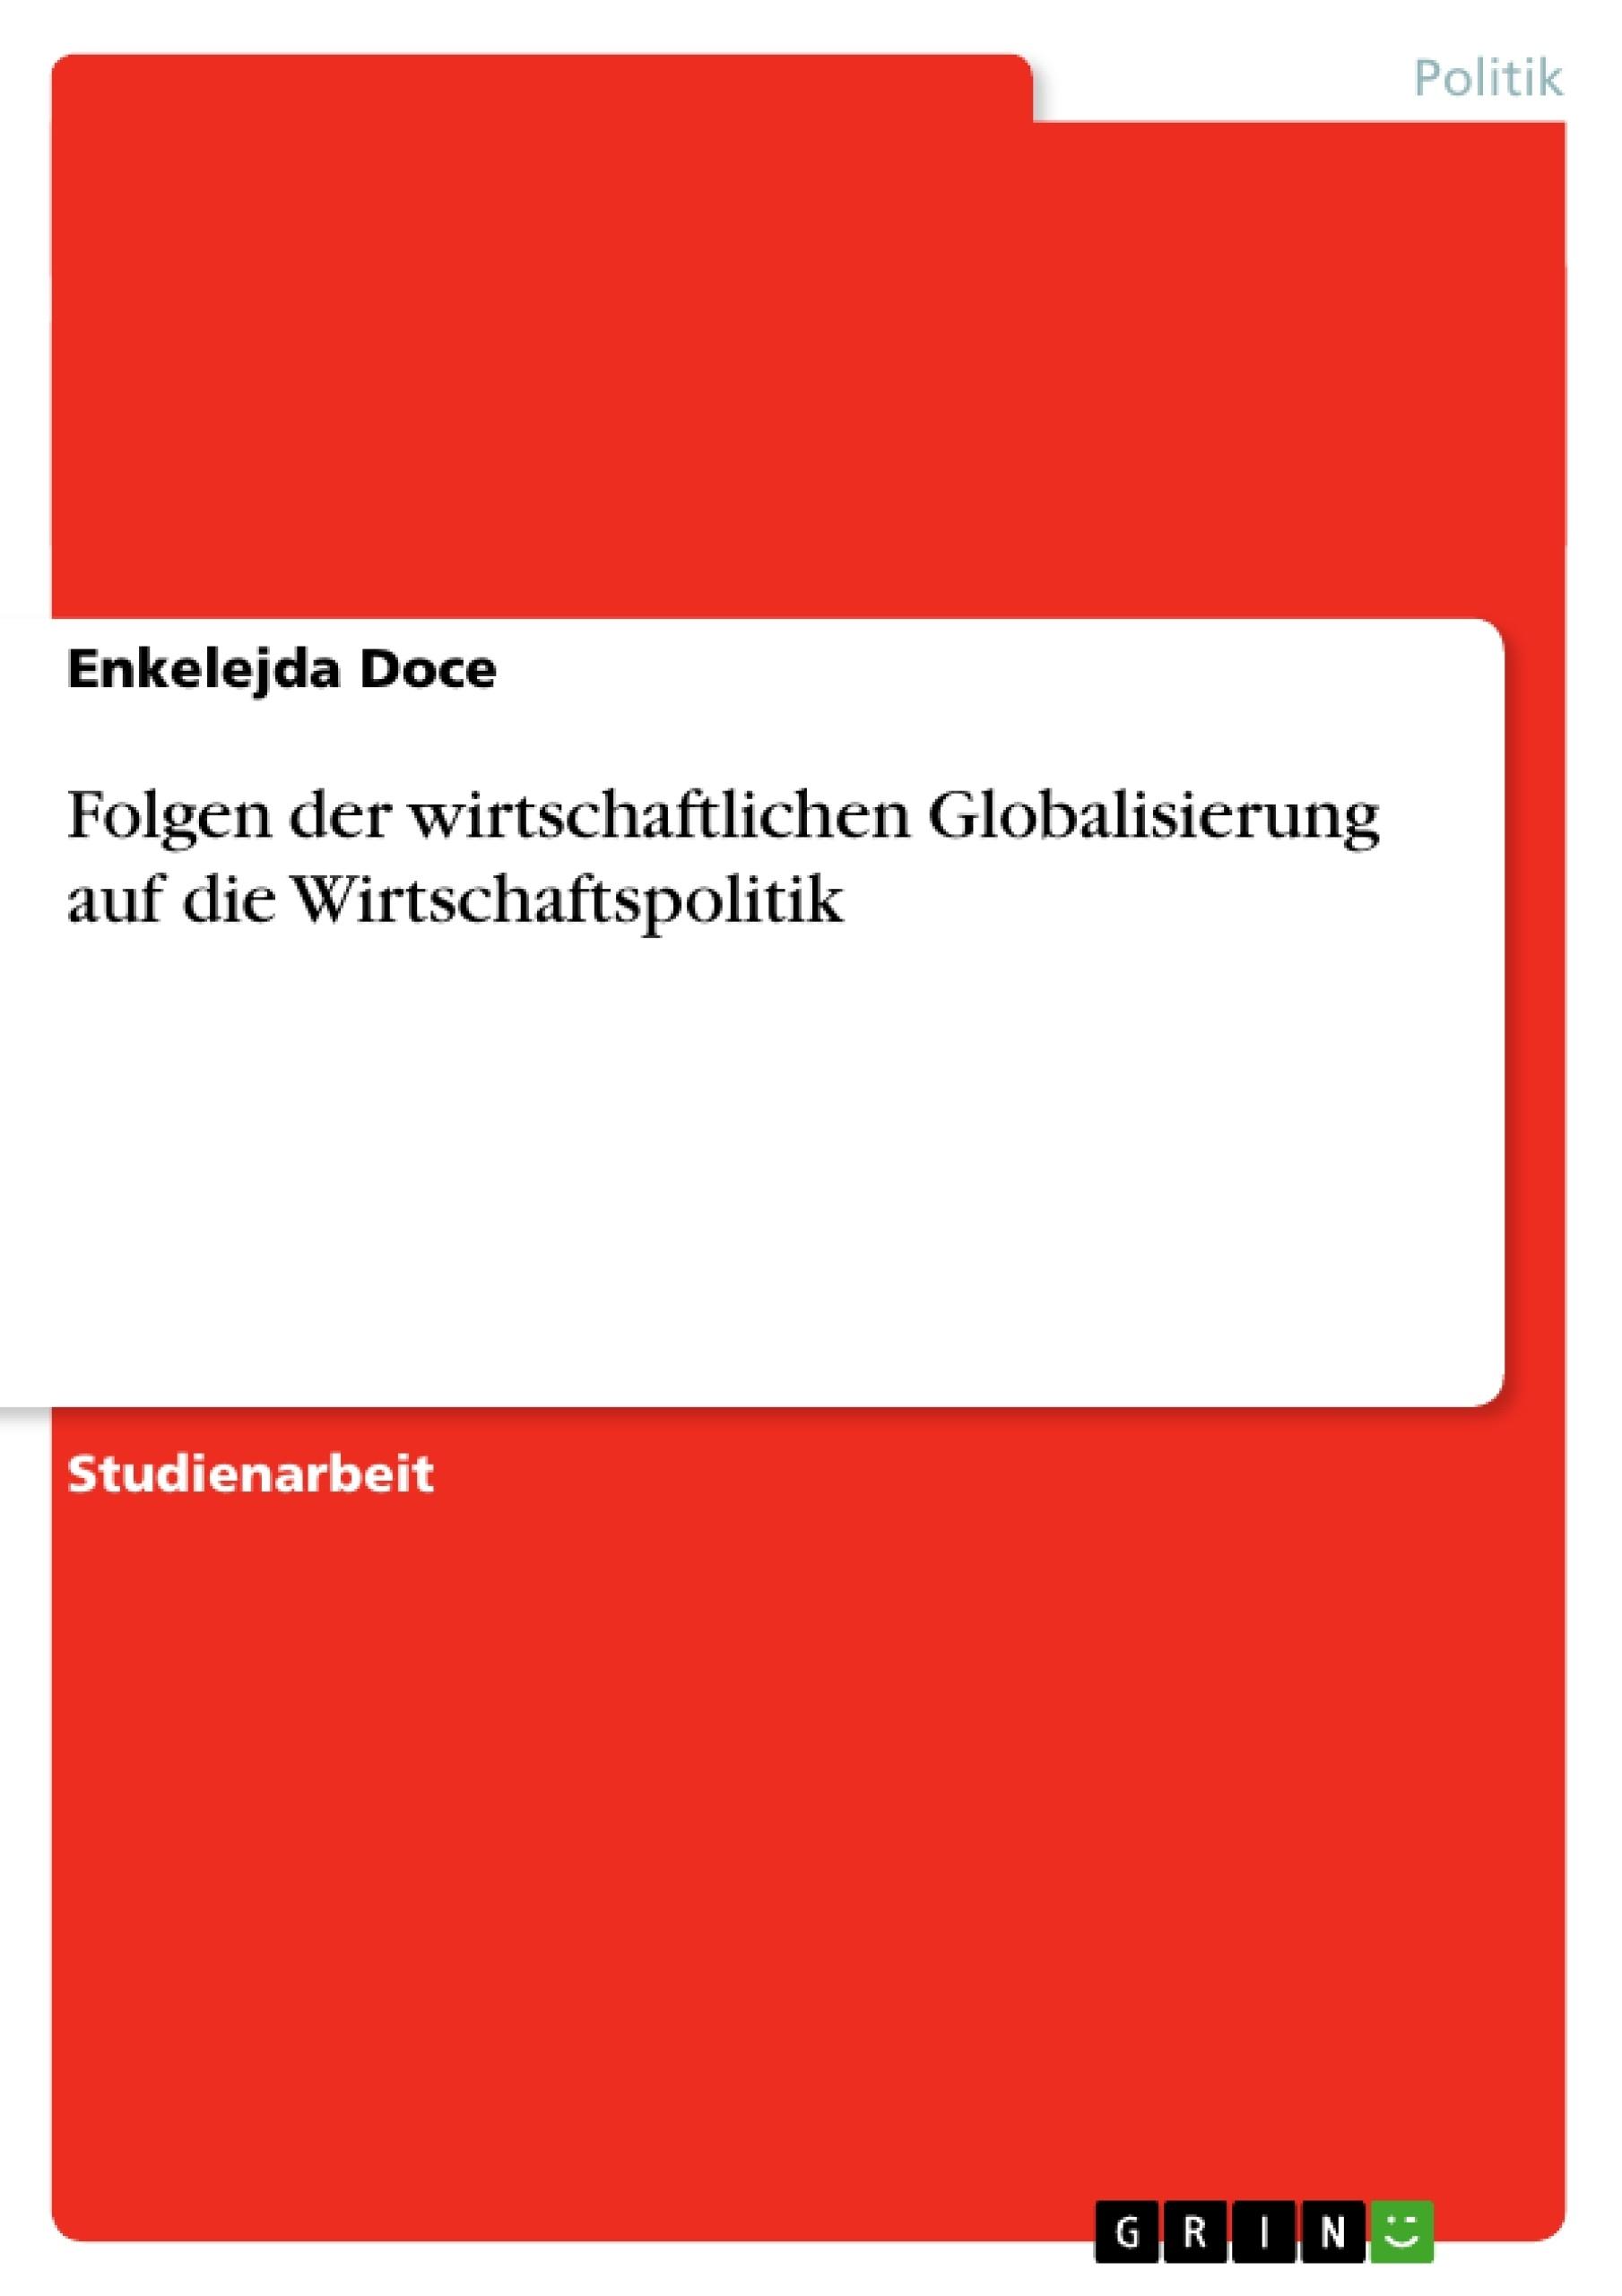 Titel: Folgen der wirtschaftlichen Globalisierung auf die Wirtschaftspolitik